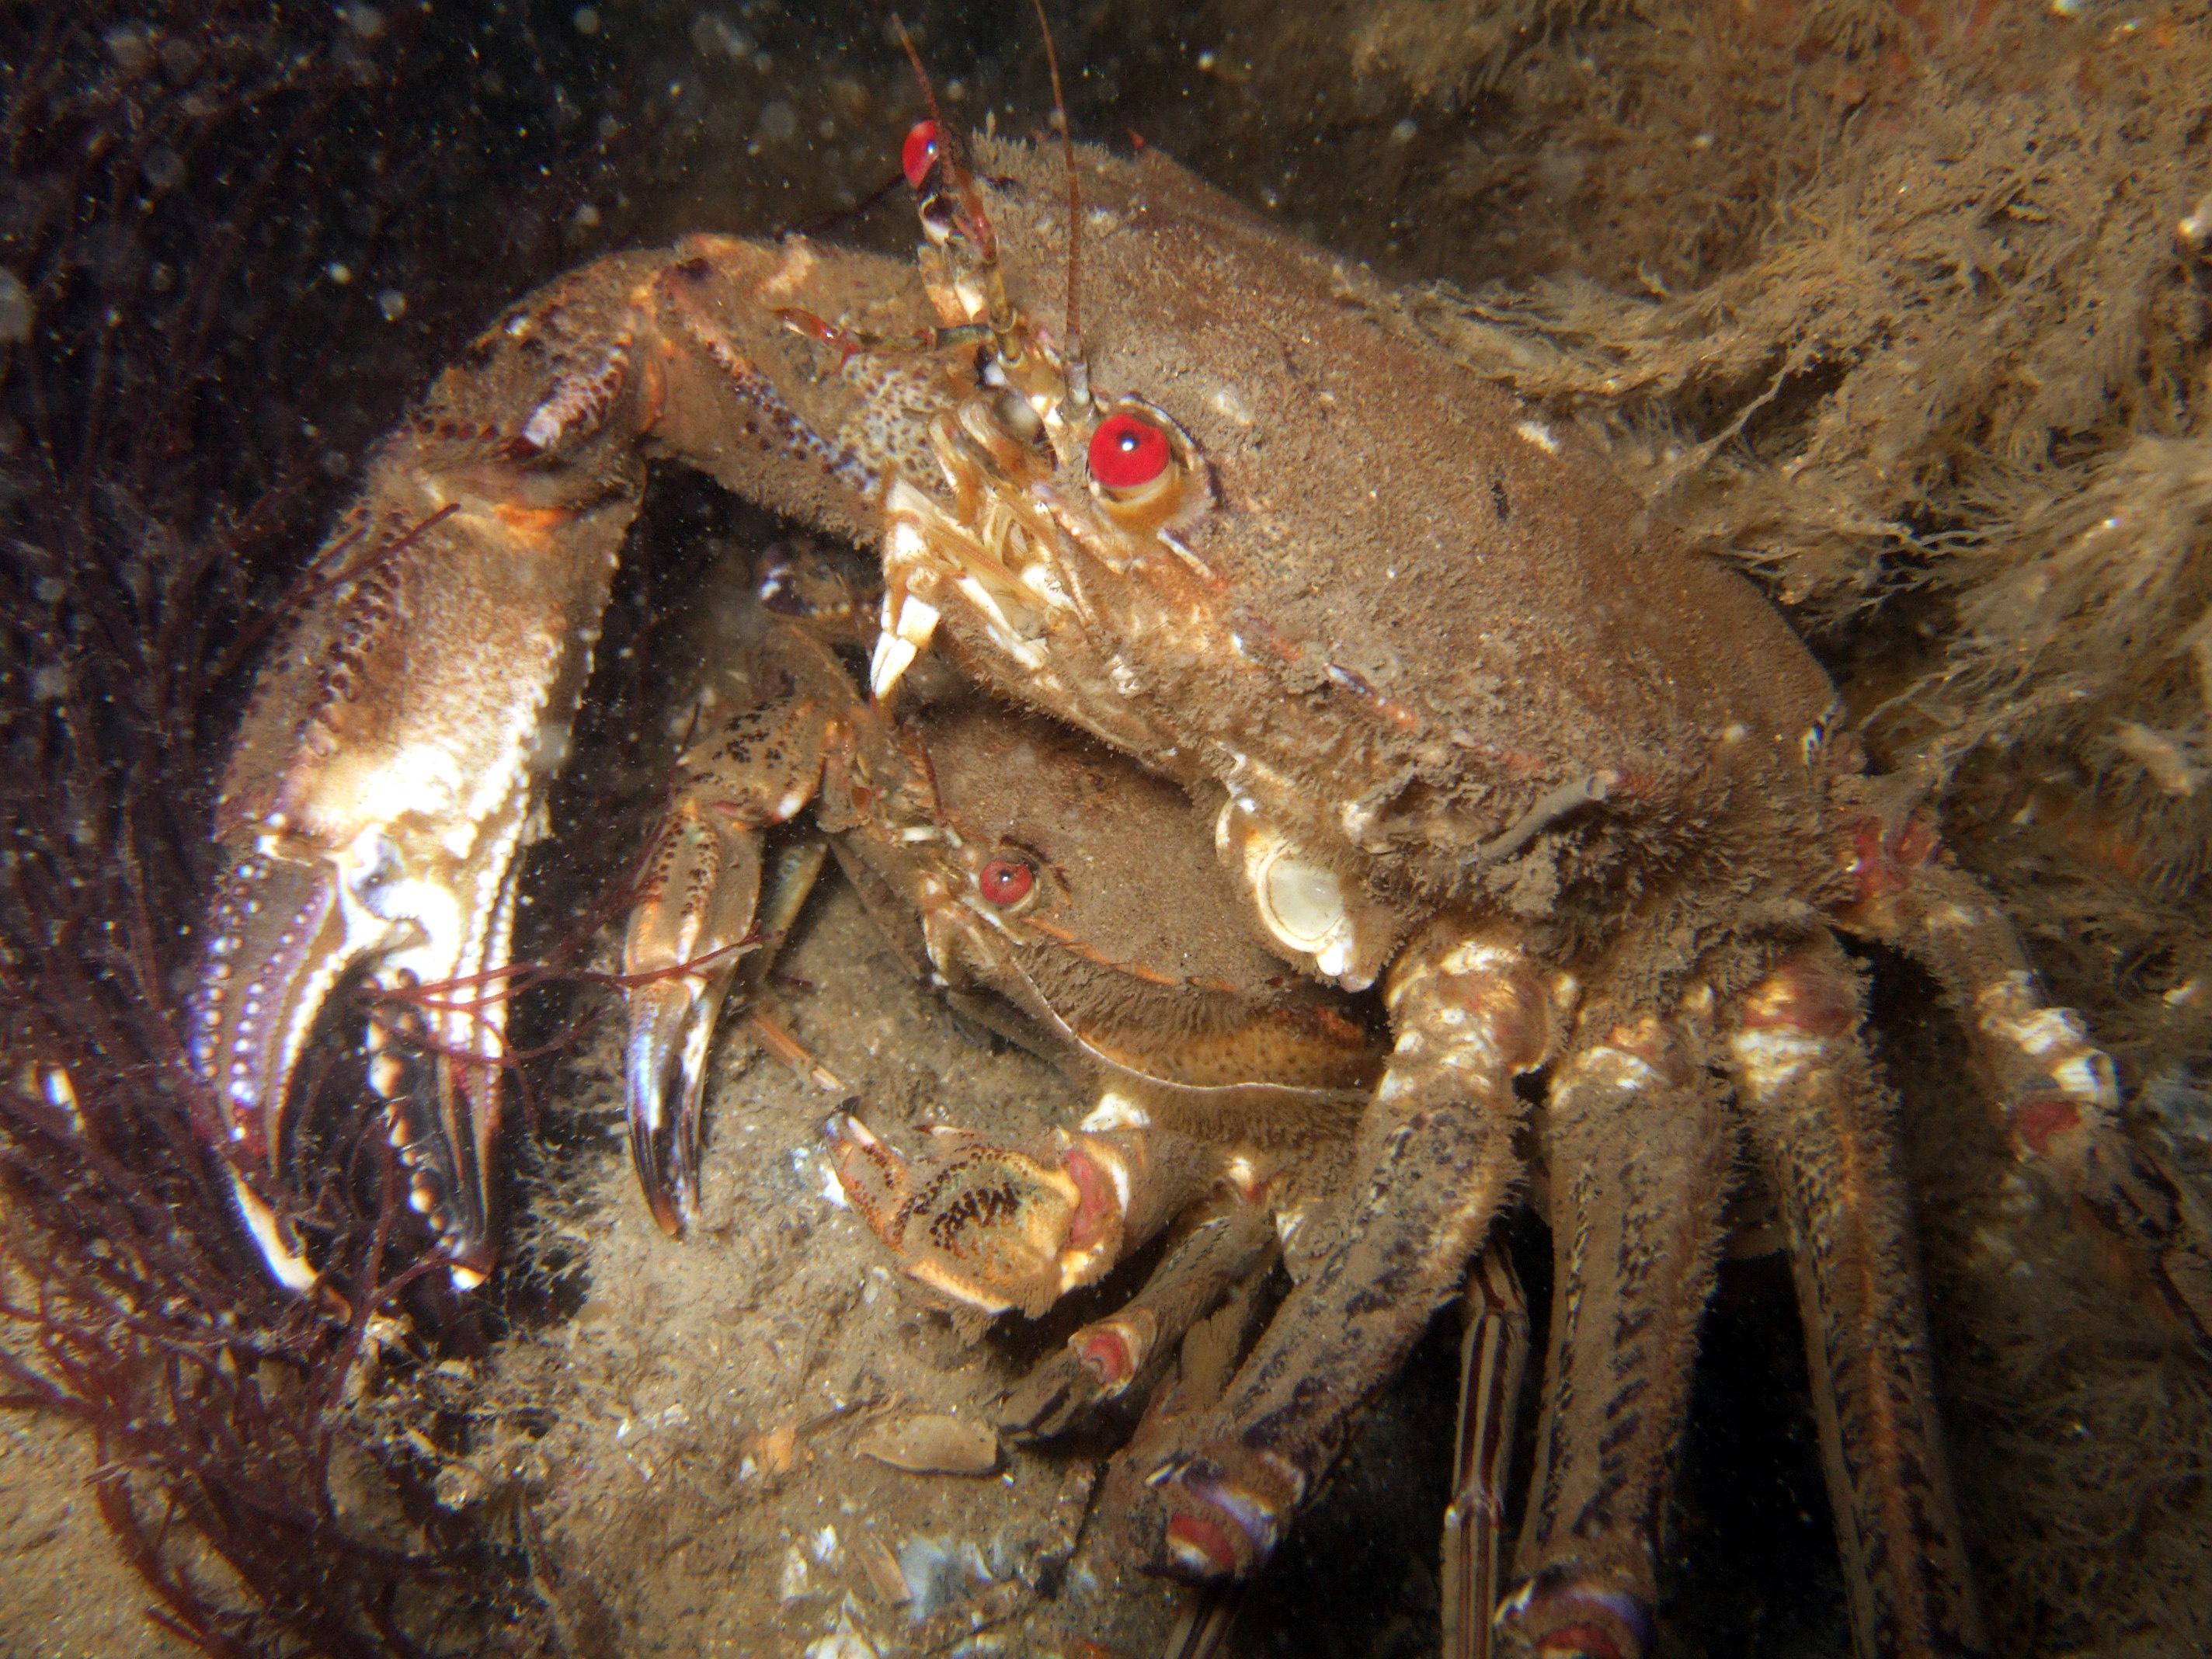 Velvet Swimming Crabs Mating 230708